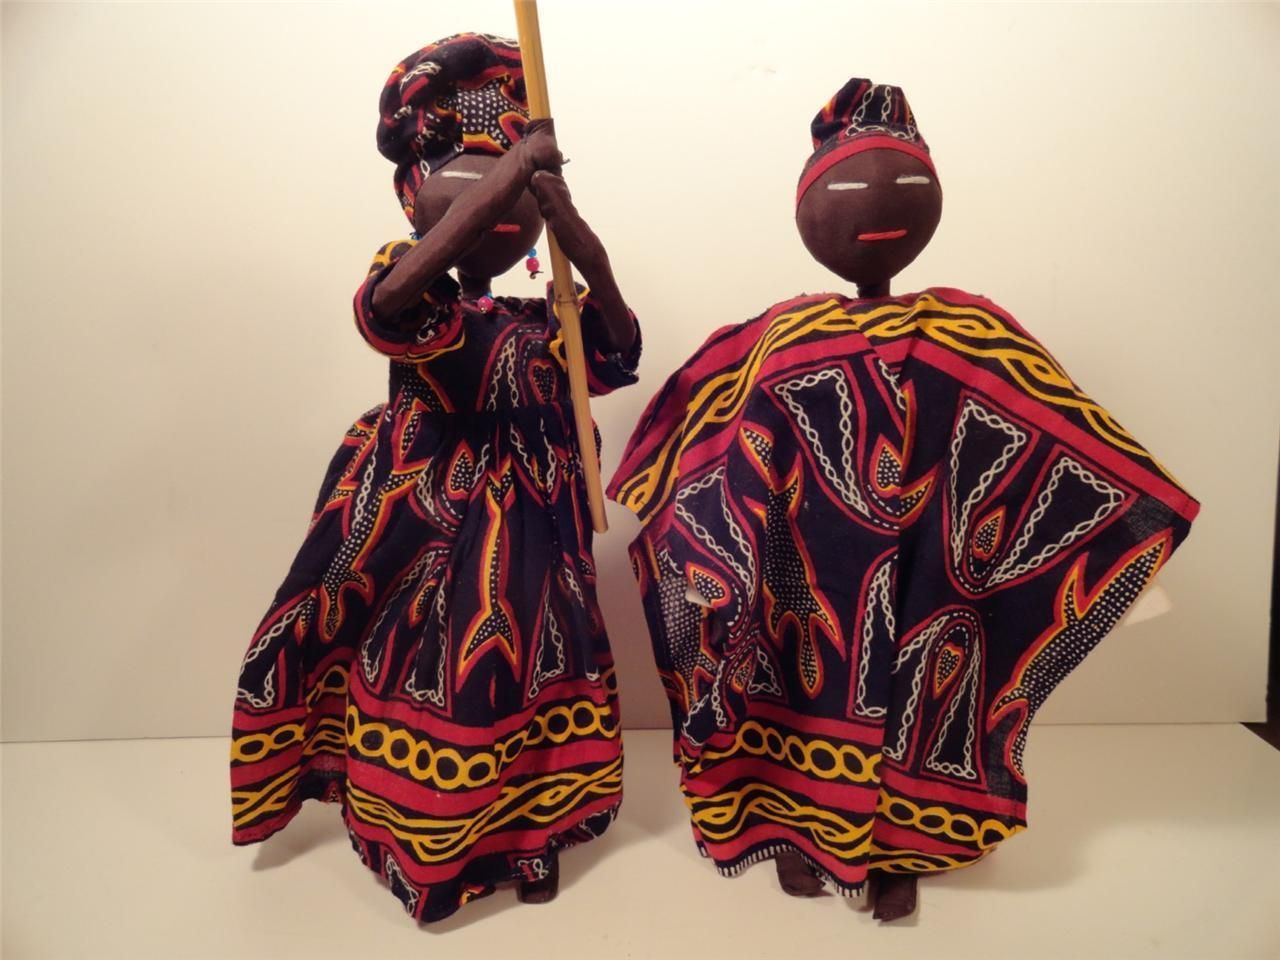 African Folk Art Rag Dolls - Fabric Senegal . In 2019